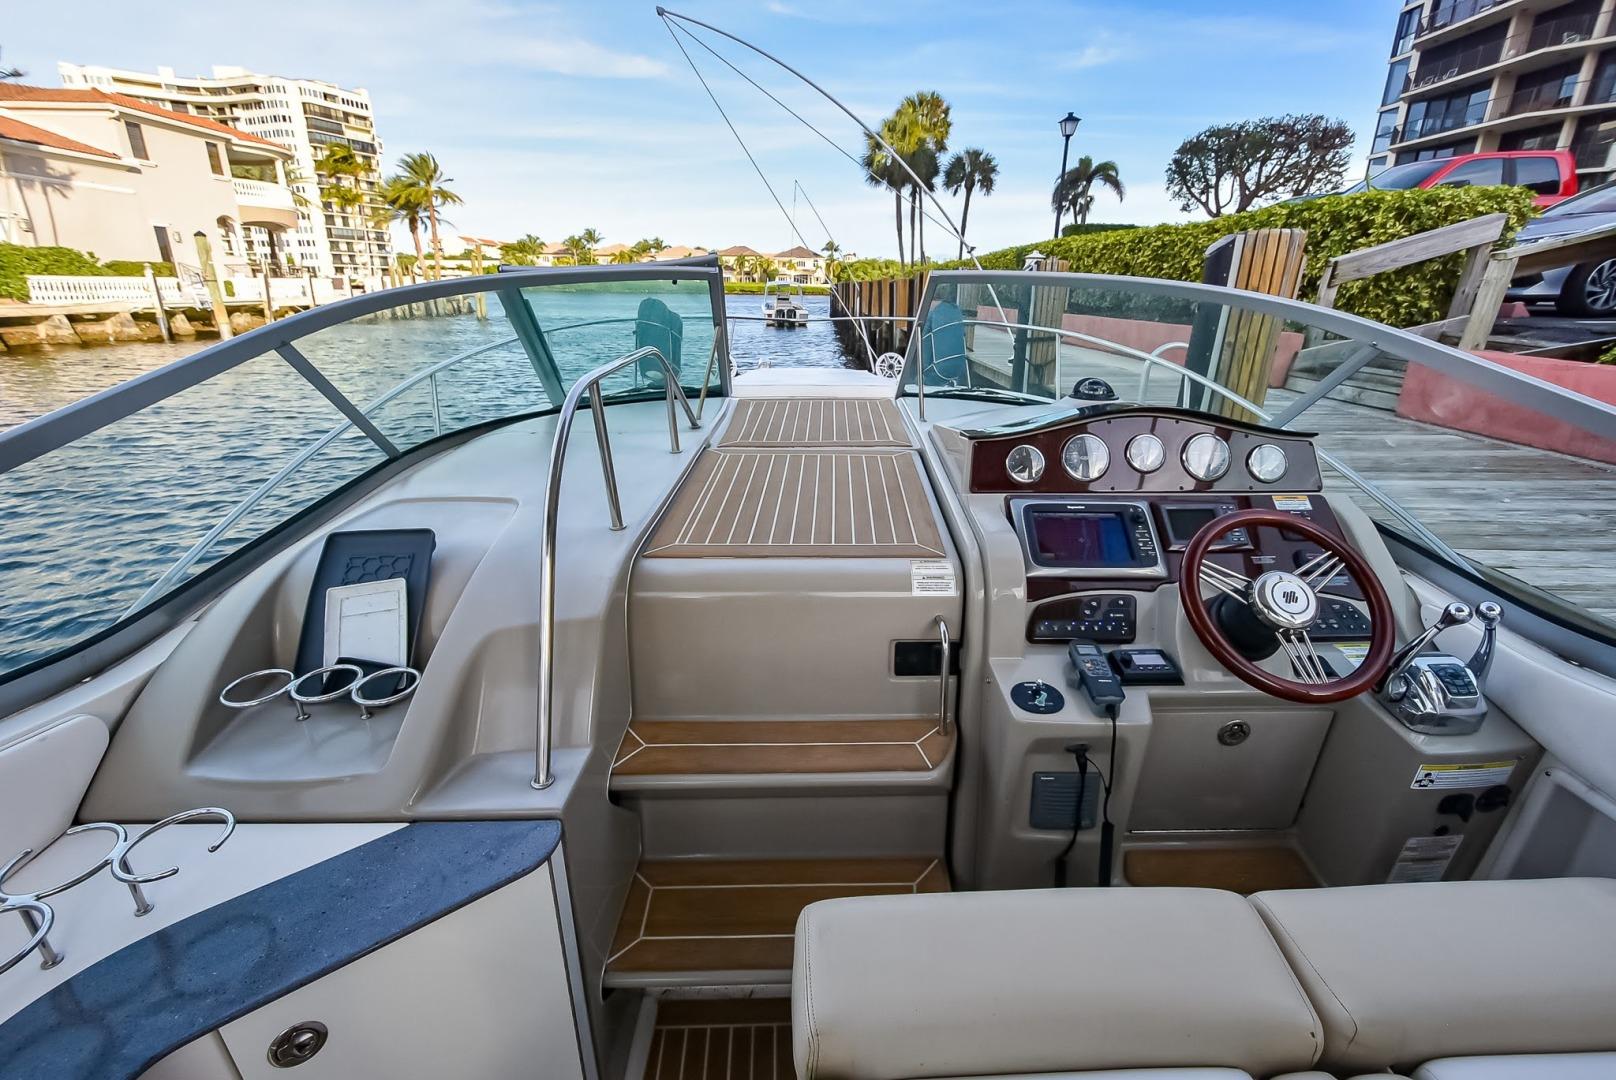 Sea Ray-330 Sundancer 2013-Sea E O Ready Boca Raton-Florida-United States-33 Sea Ray 330 Sundancer-1633178 | Thumbnail